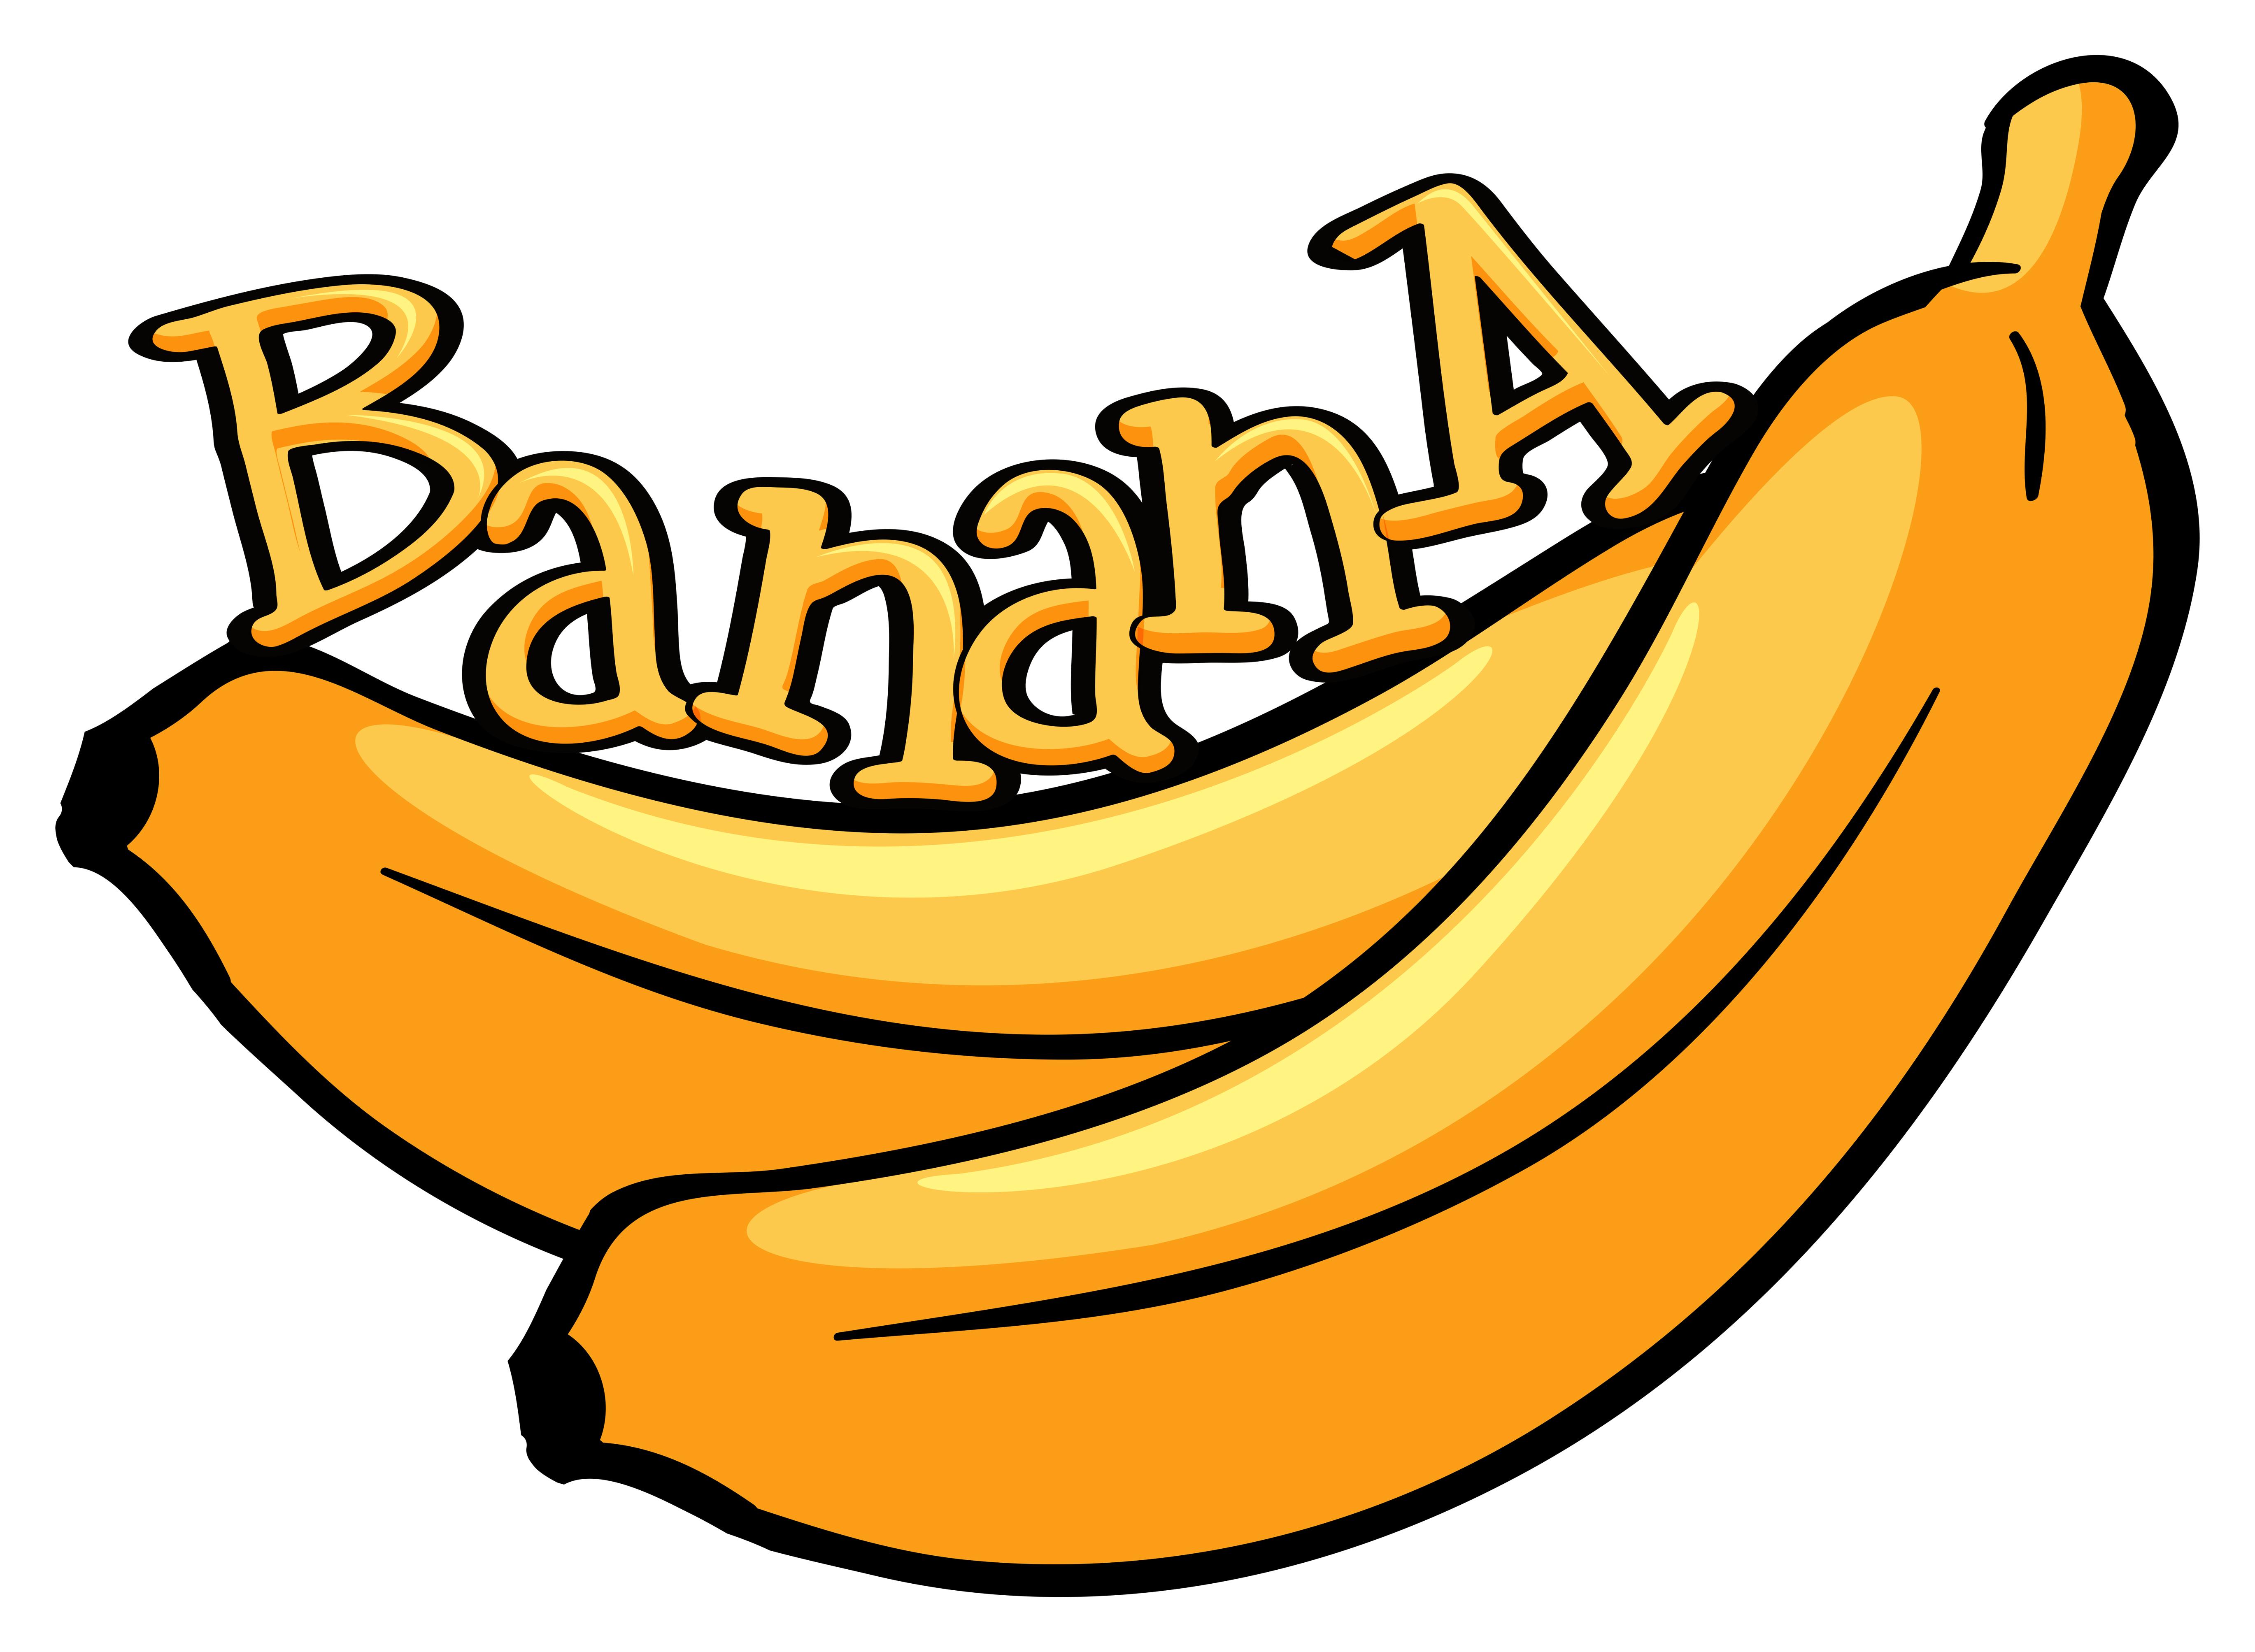 Банан картинка с надписью, приколы люси